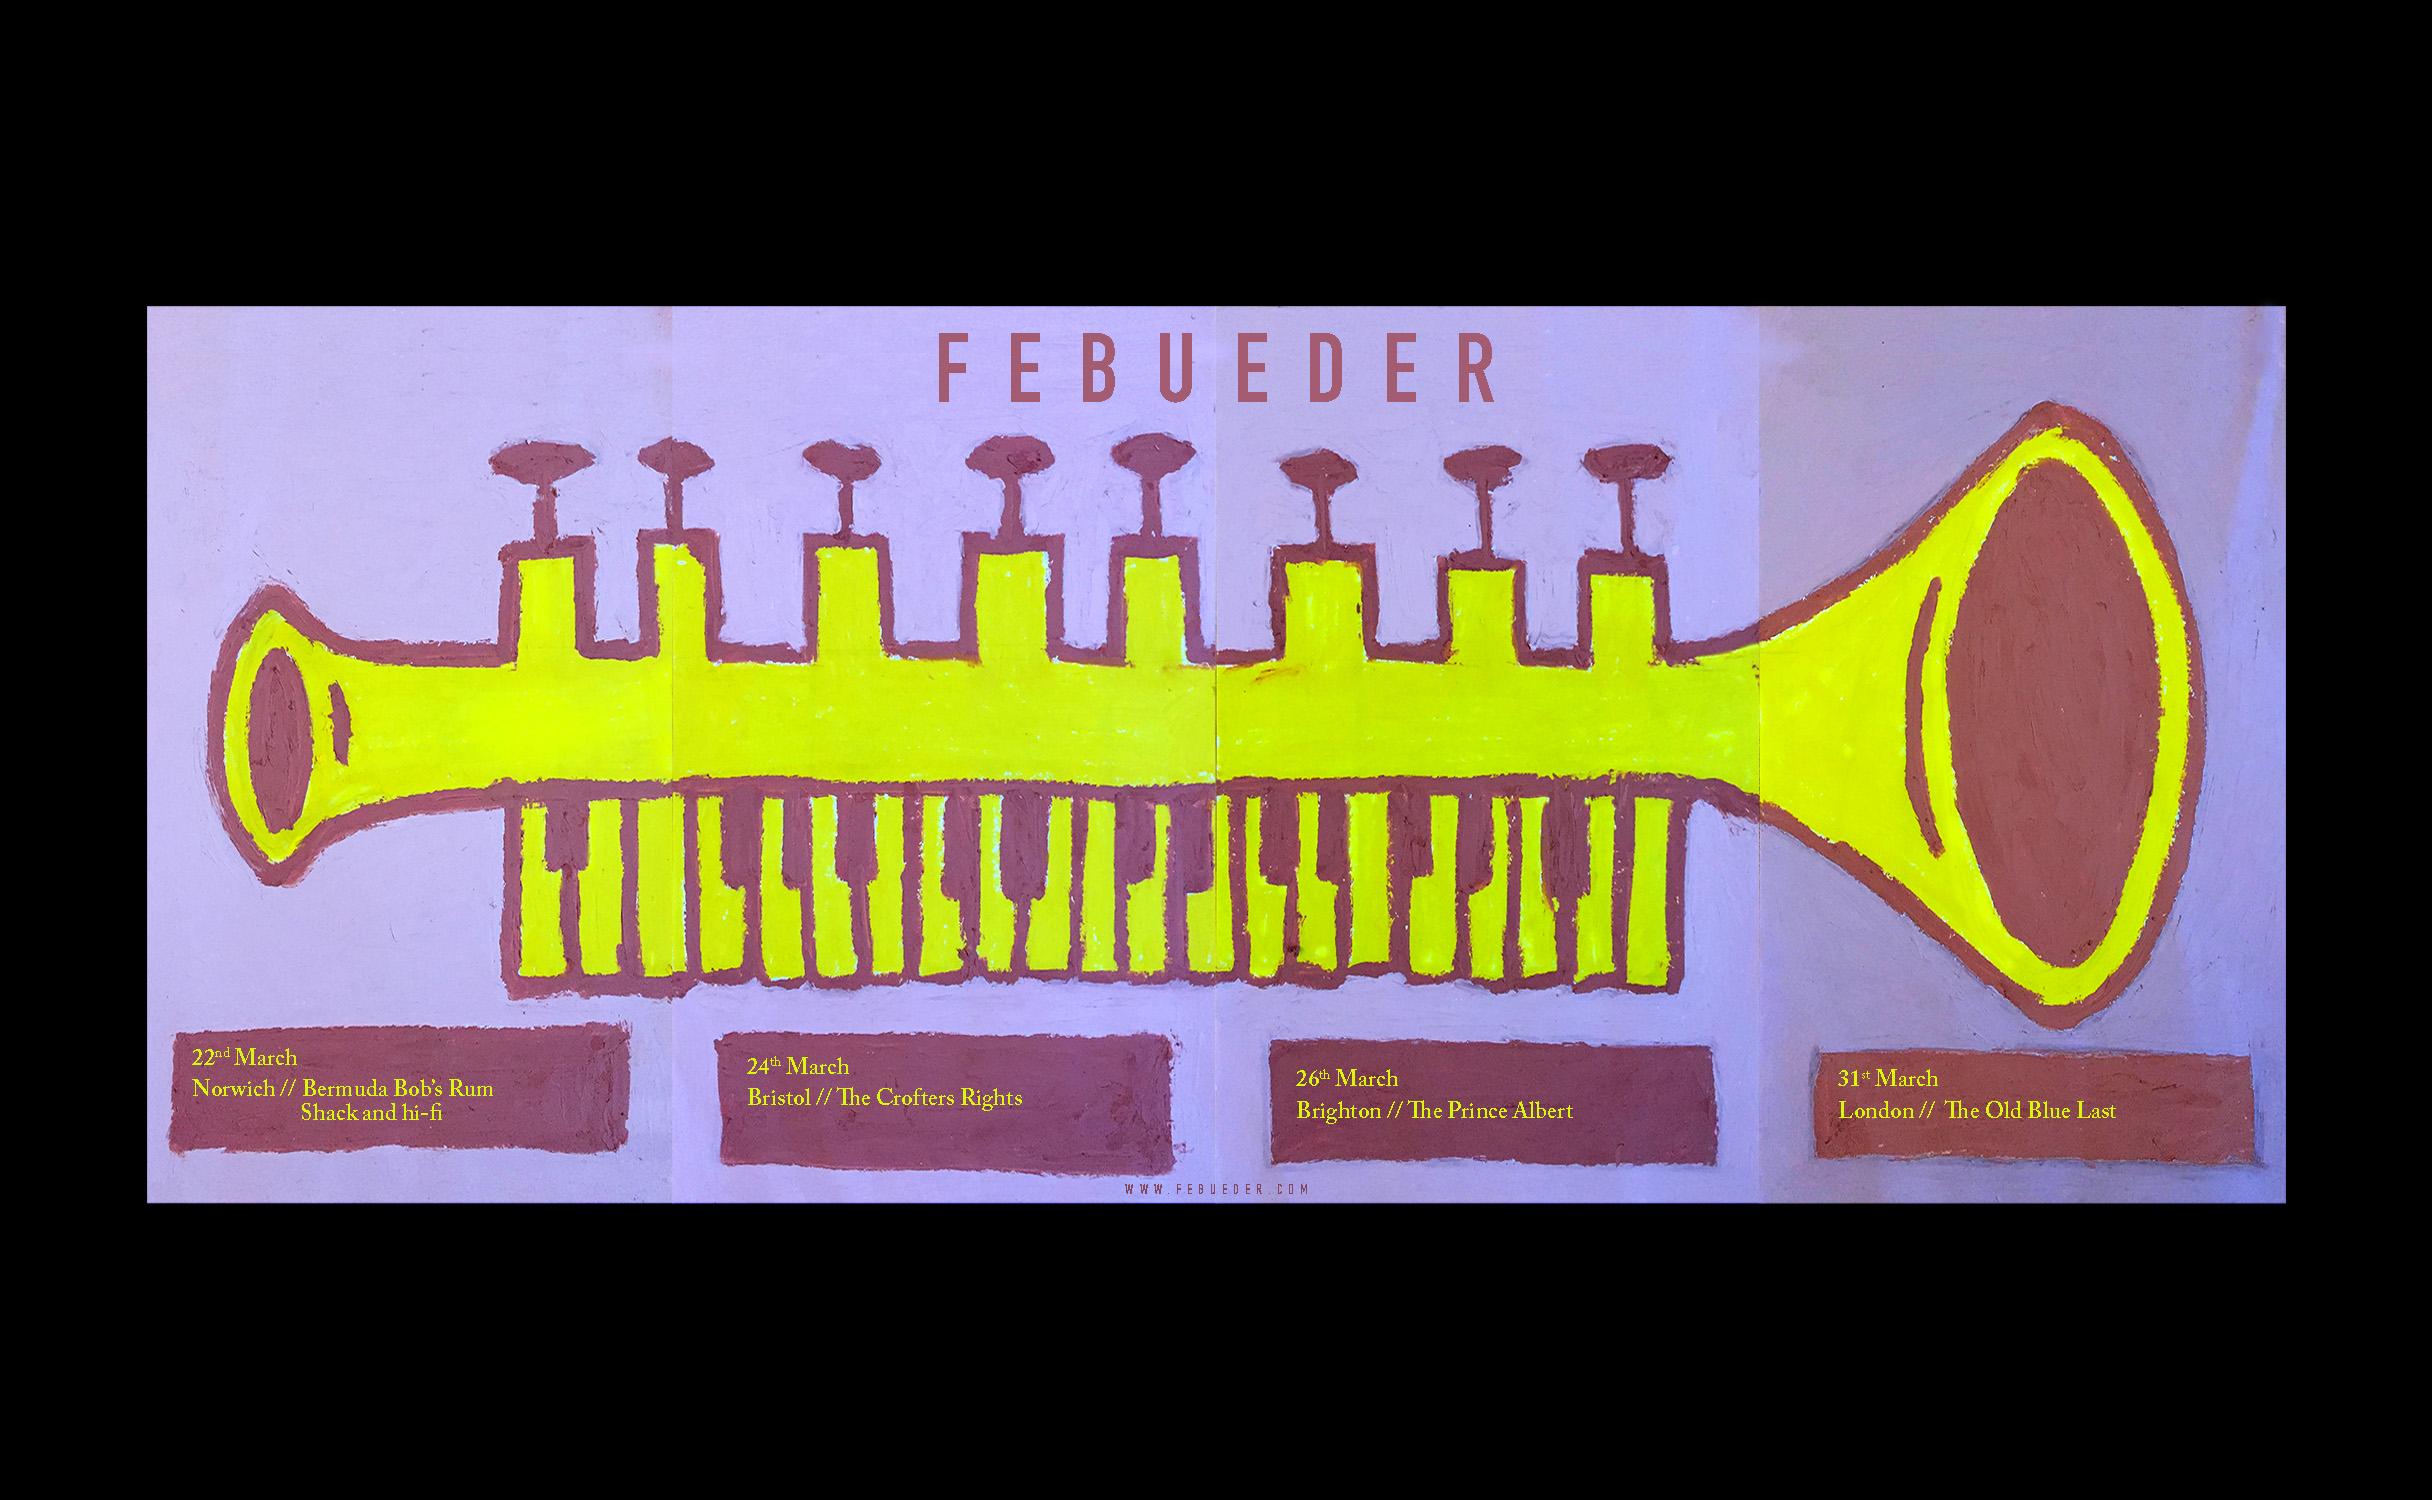 Febueder_Poster_website_9